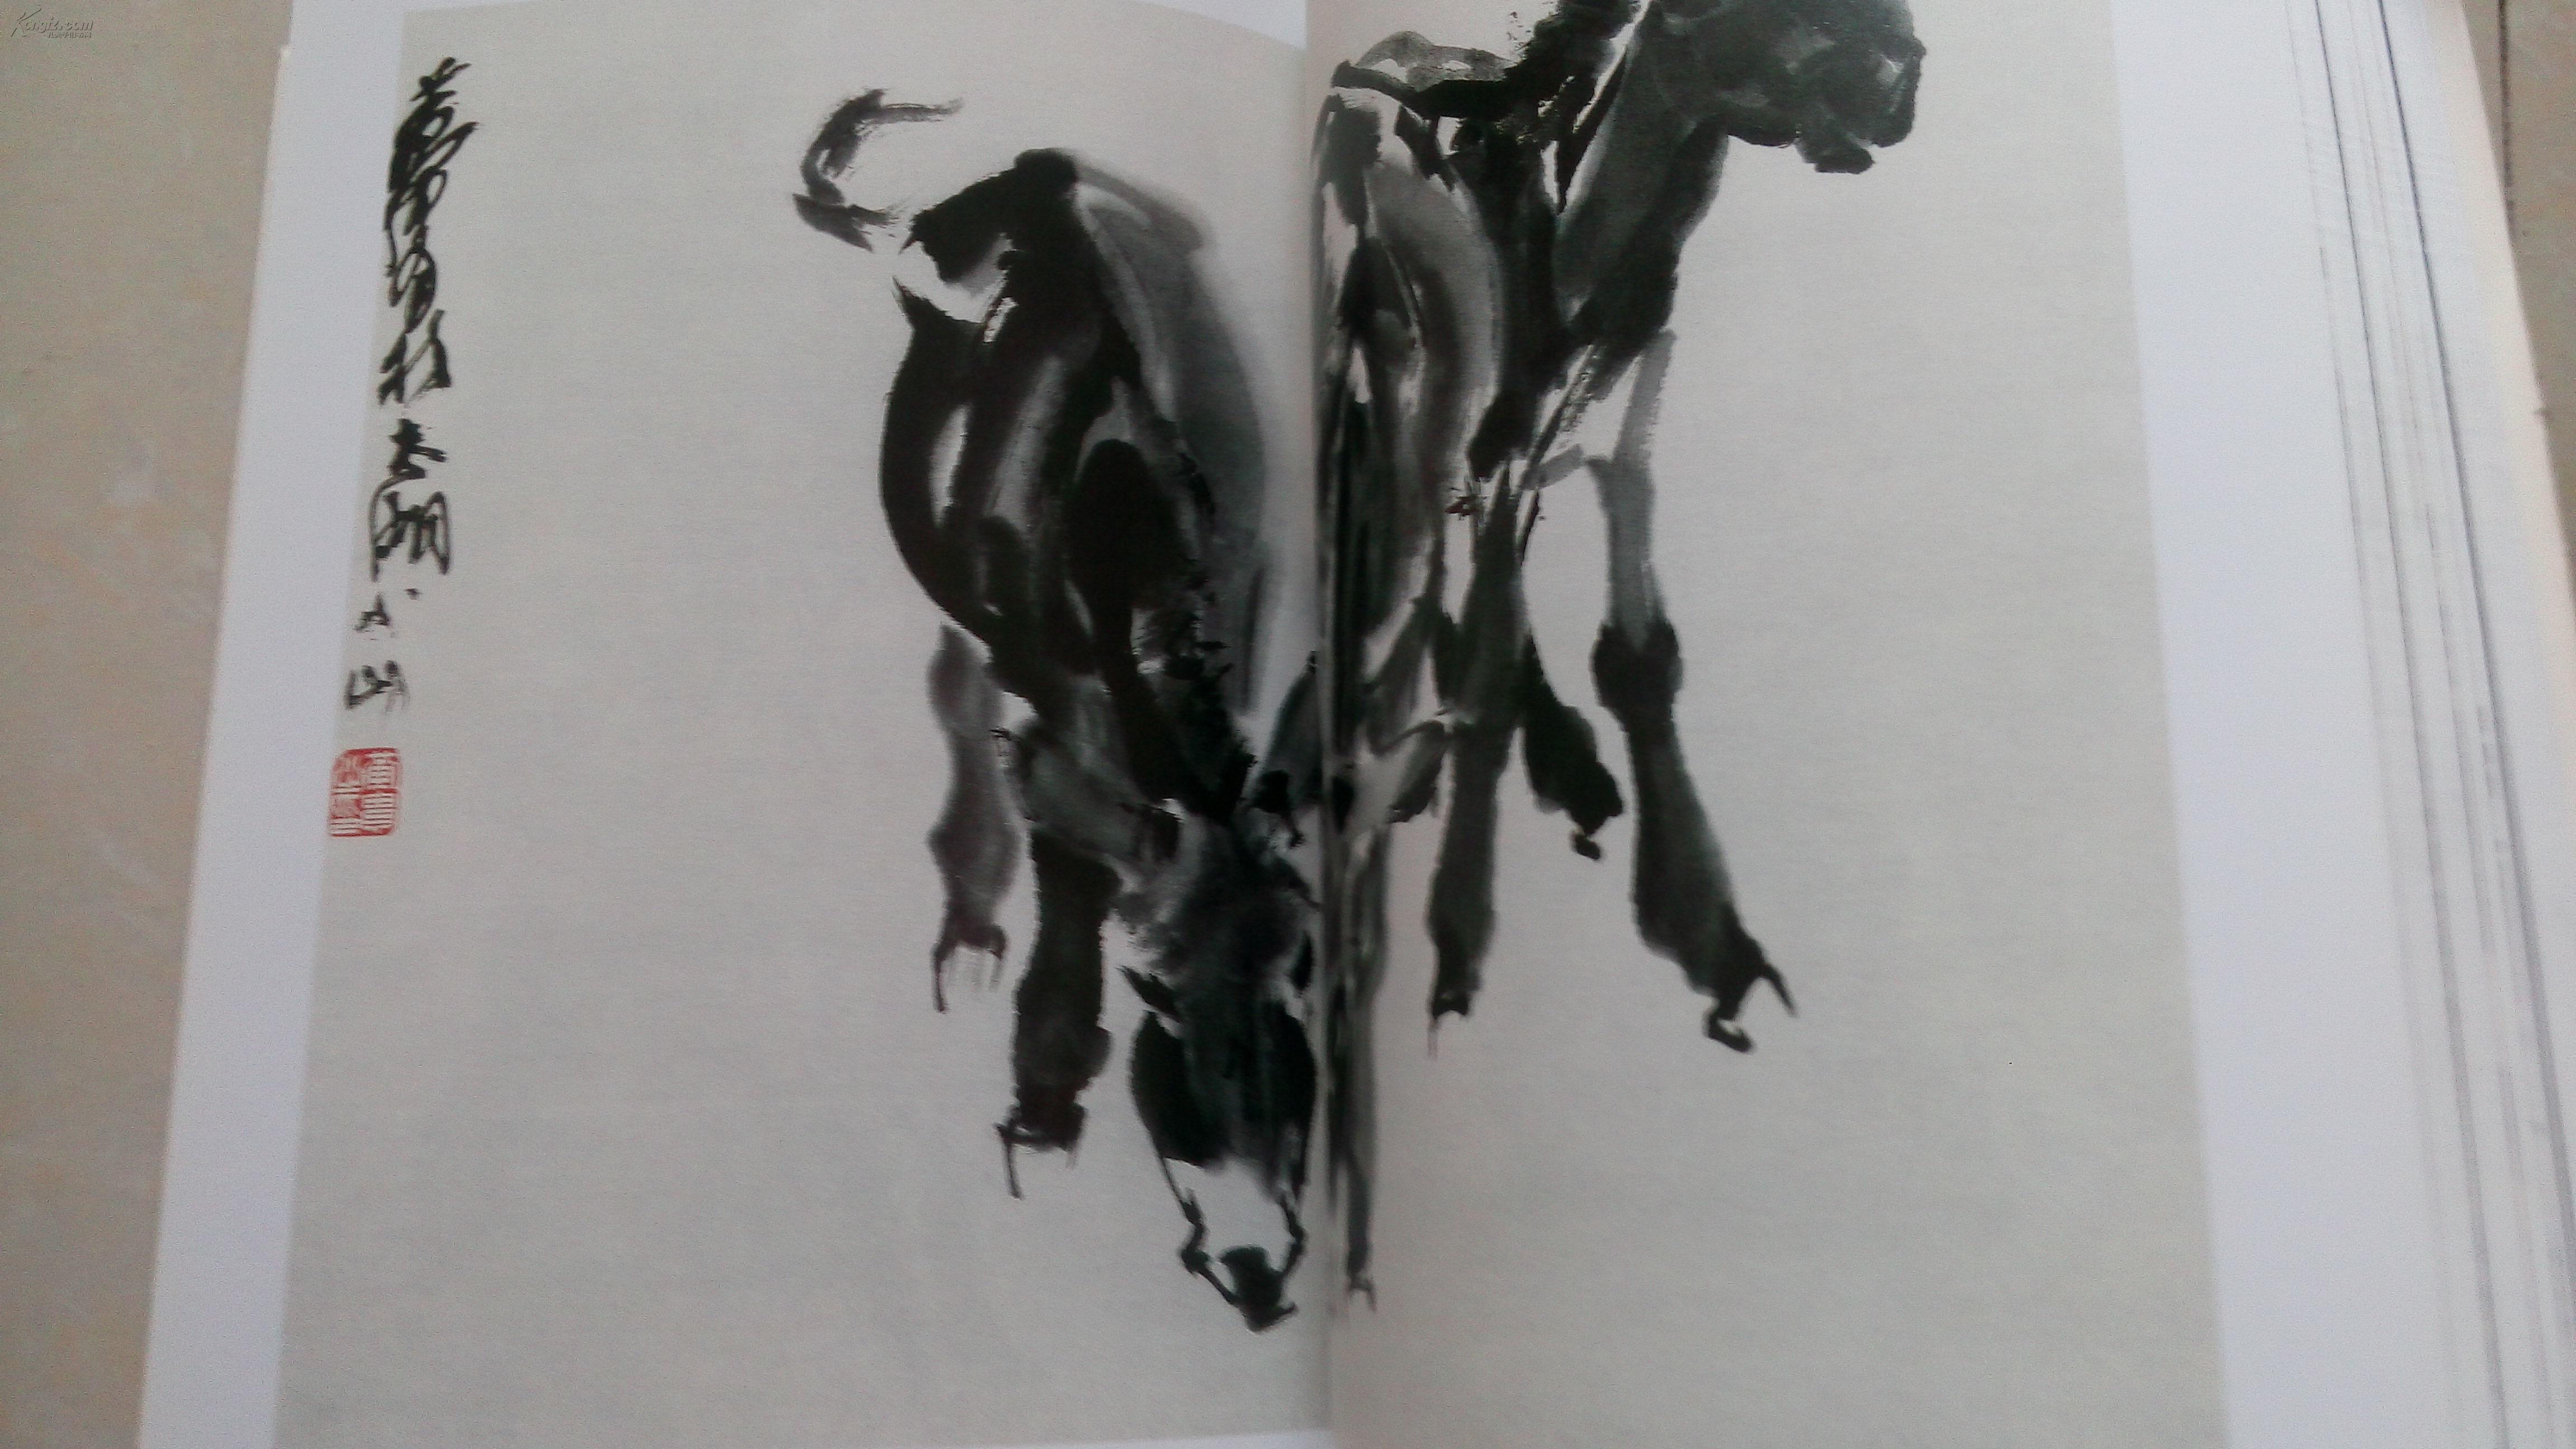 【图】中国名画家全集 黄胄图片